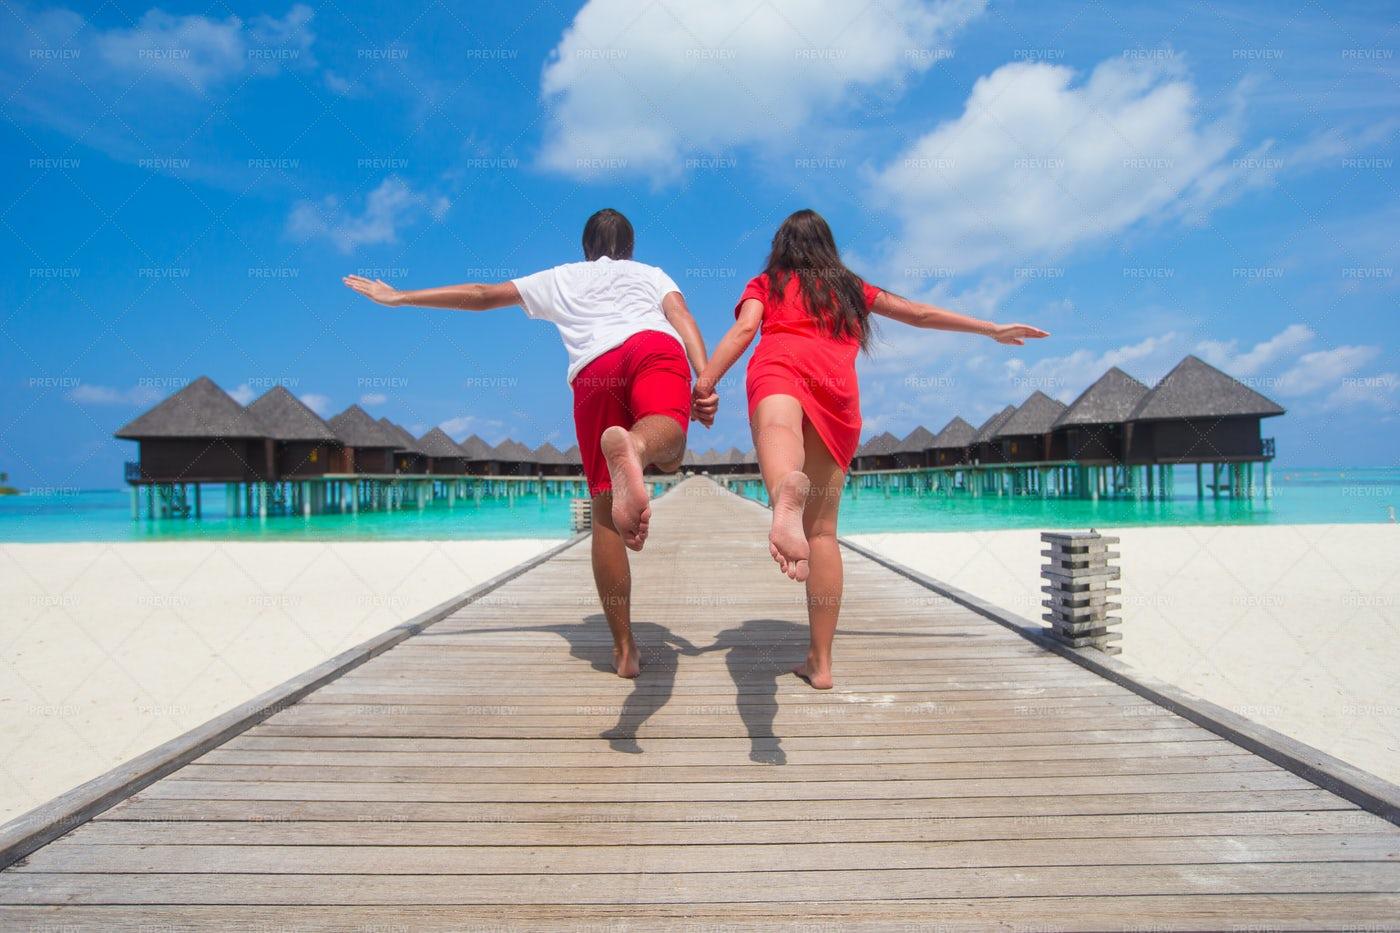 Couple Enjoying A Tropical Beach: Stock Photos